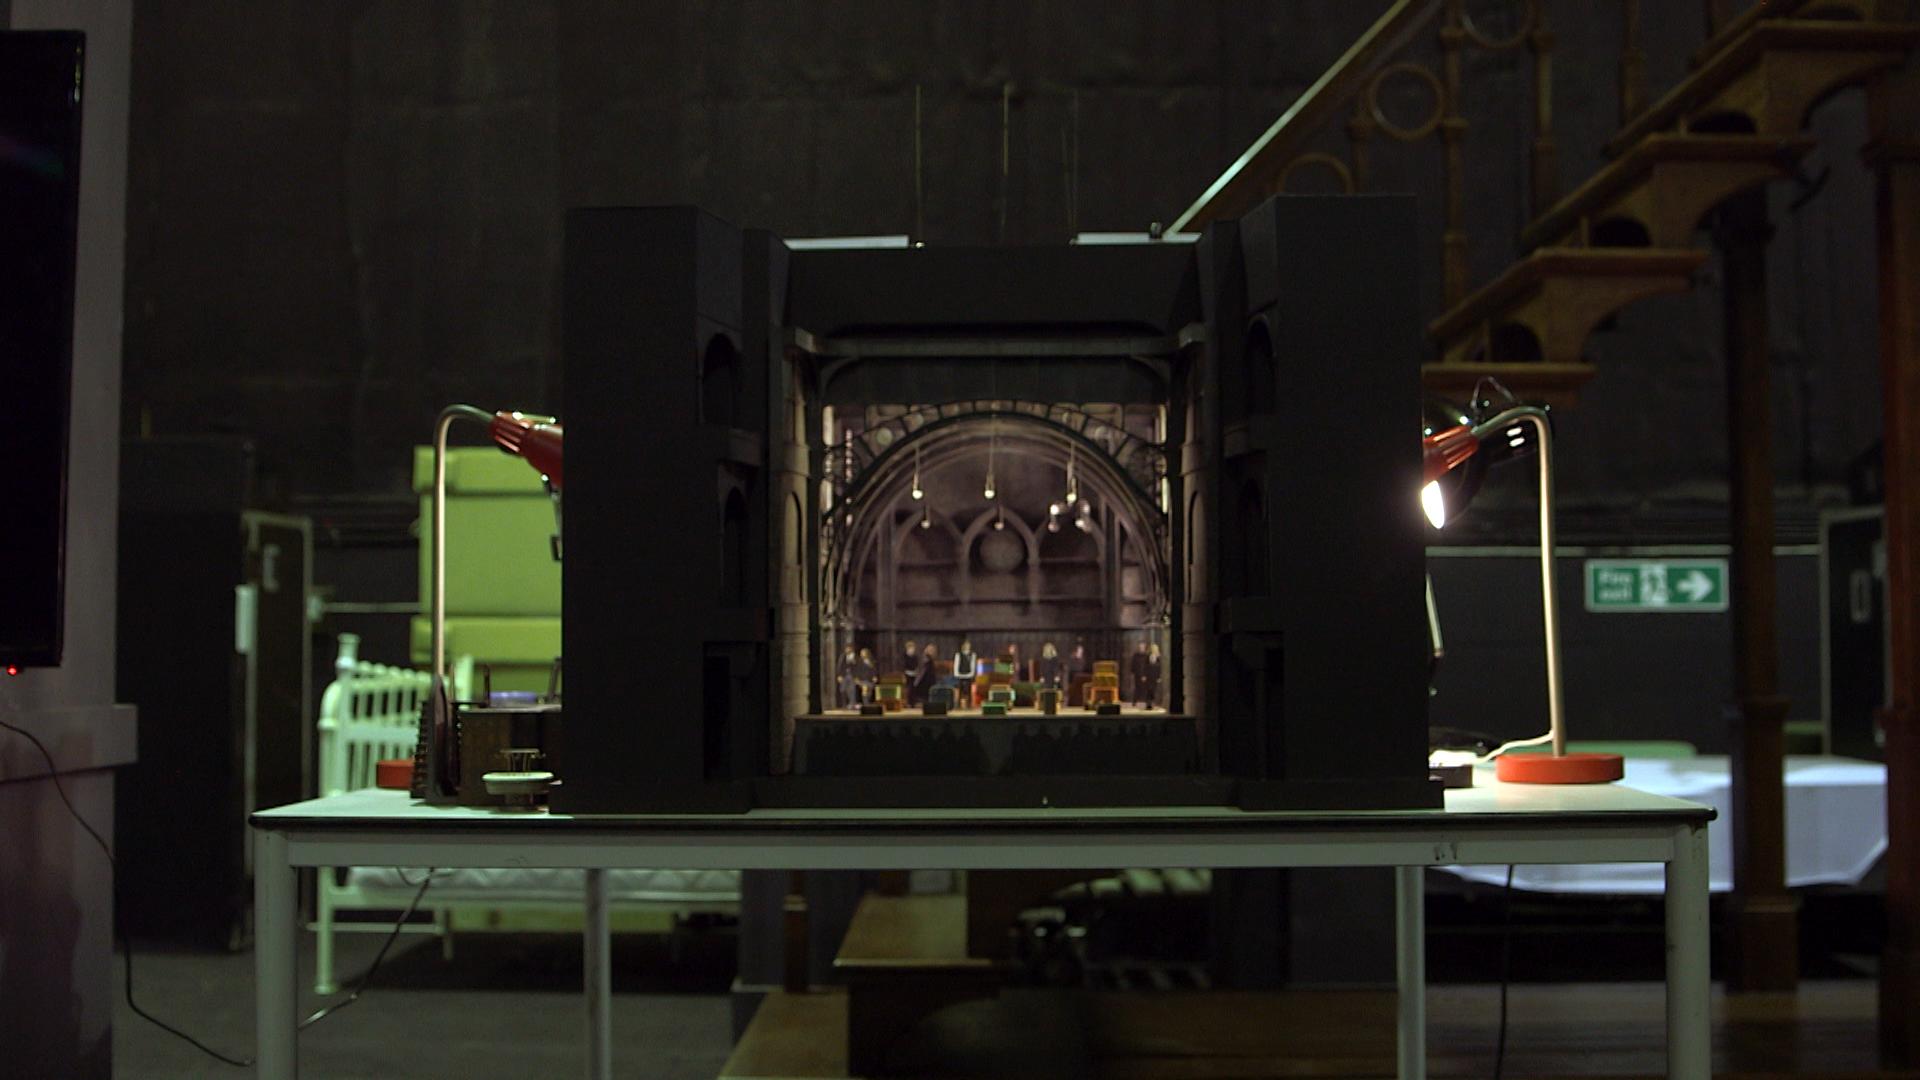 Maquete do design do palco de Cursed Child mostra bonecos no lugar dos atores.